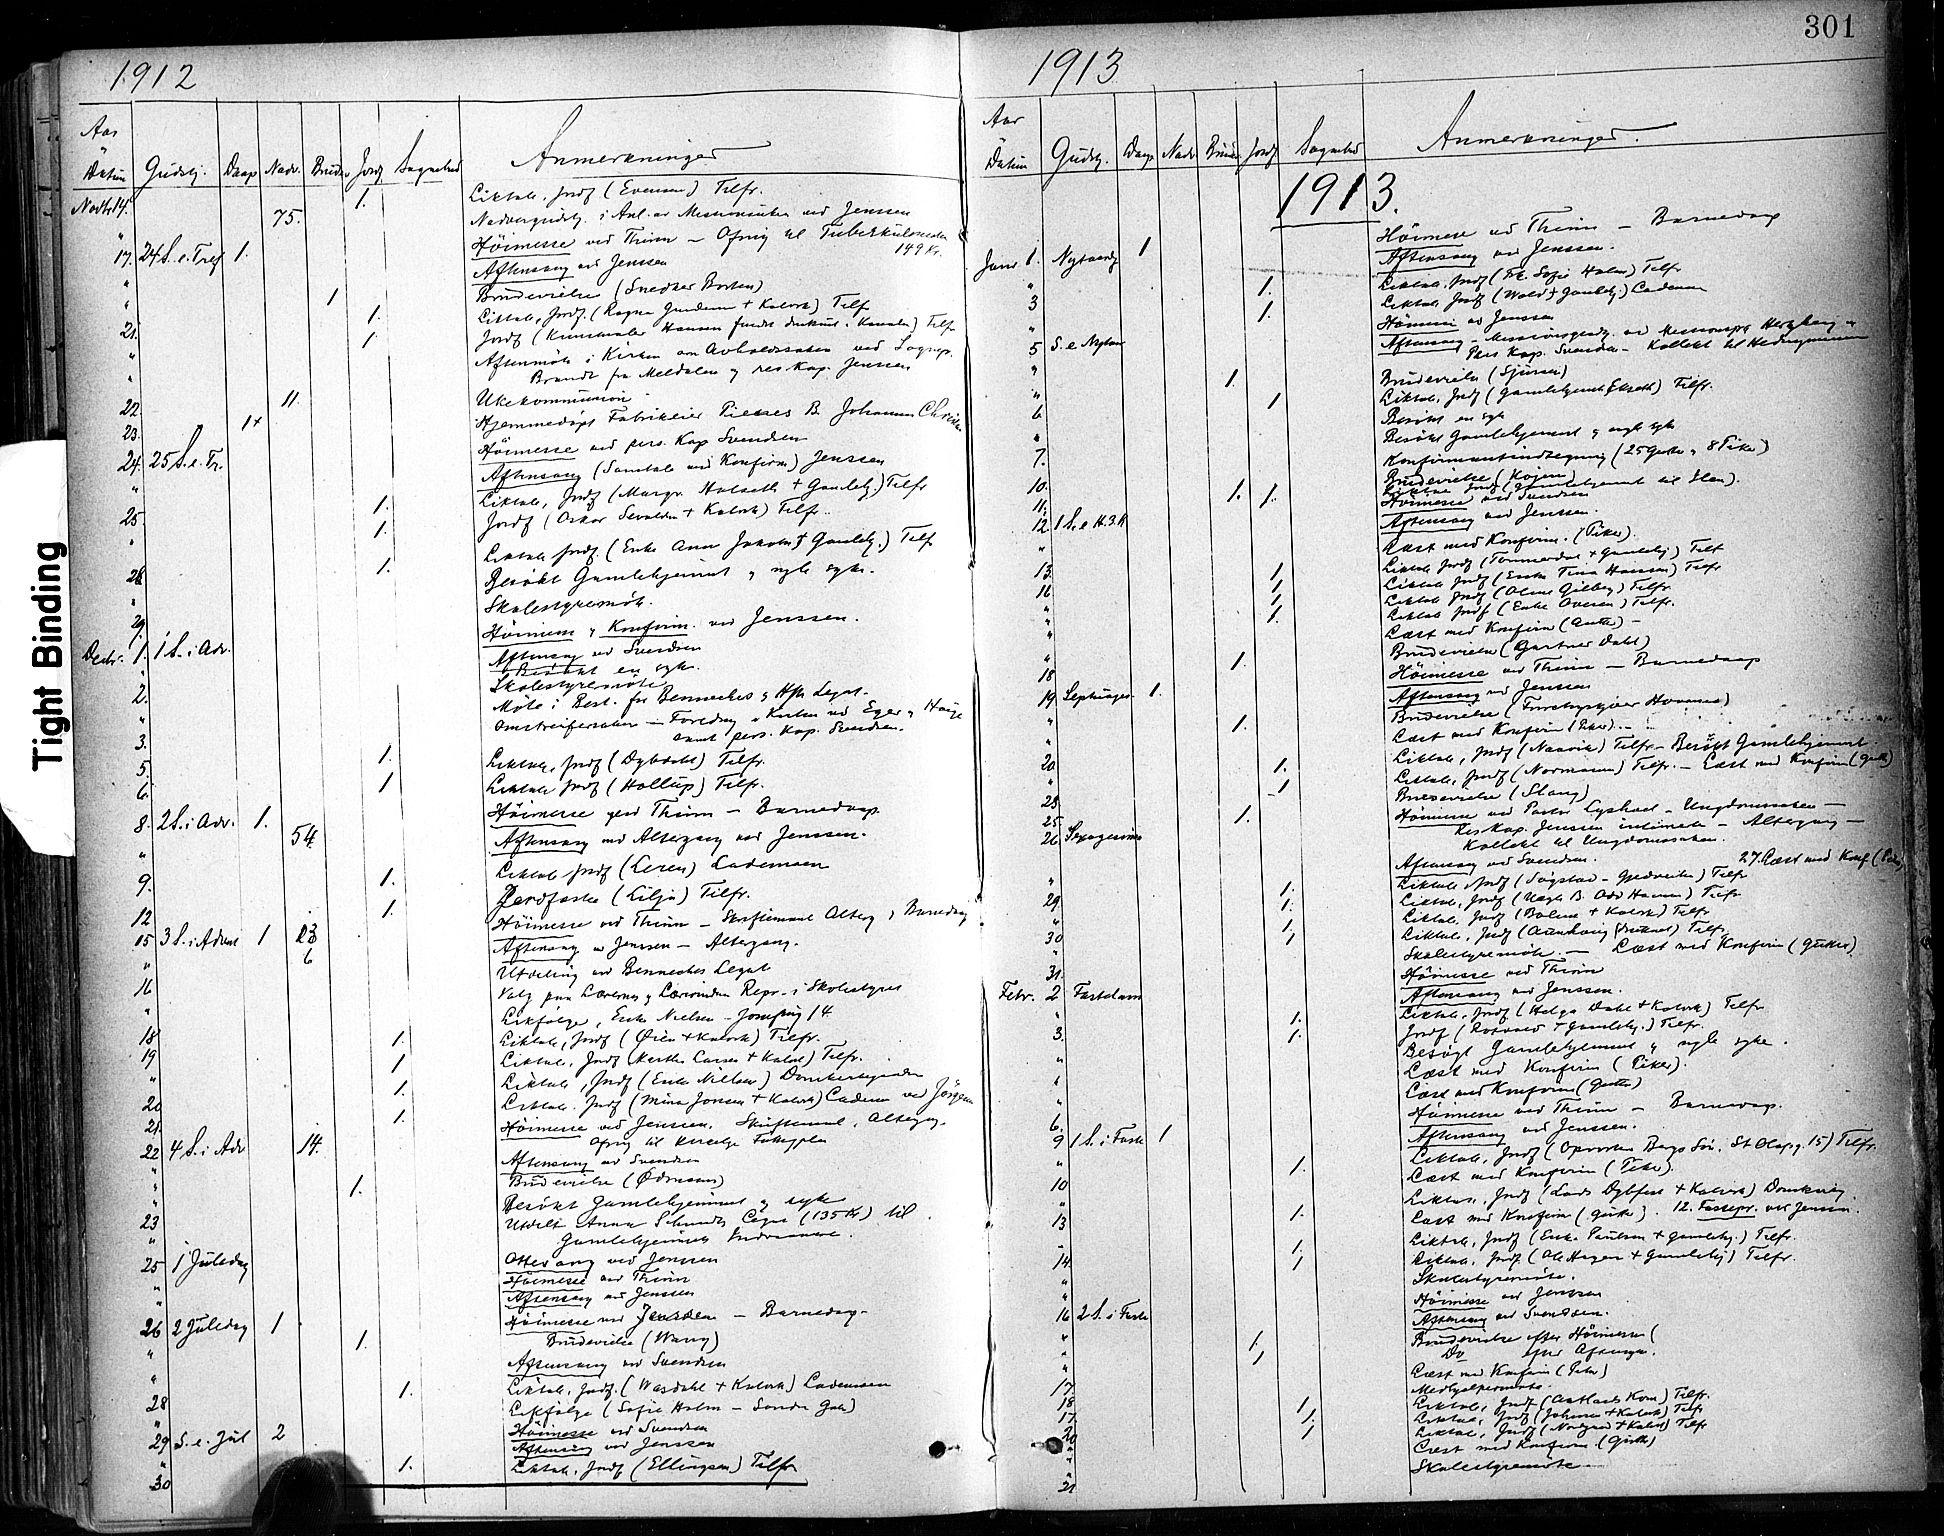 SAT, Ministerialprotokoller, klokkerbøker og fødselsregistre - Sør-Trøndelag, 602/L0120: Ministerialbok nr. 602A18, 1880-1913, s. 301